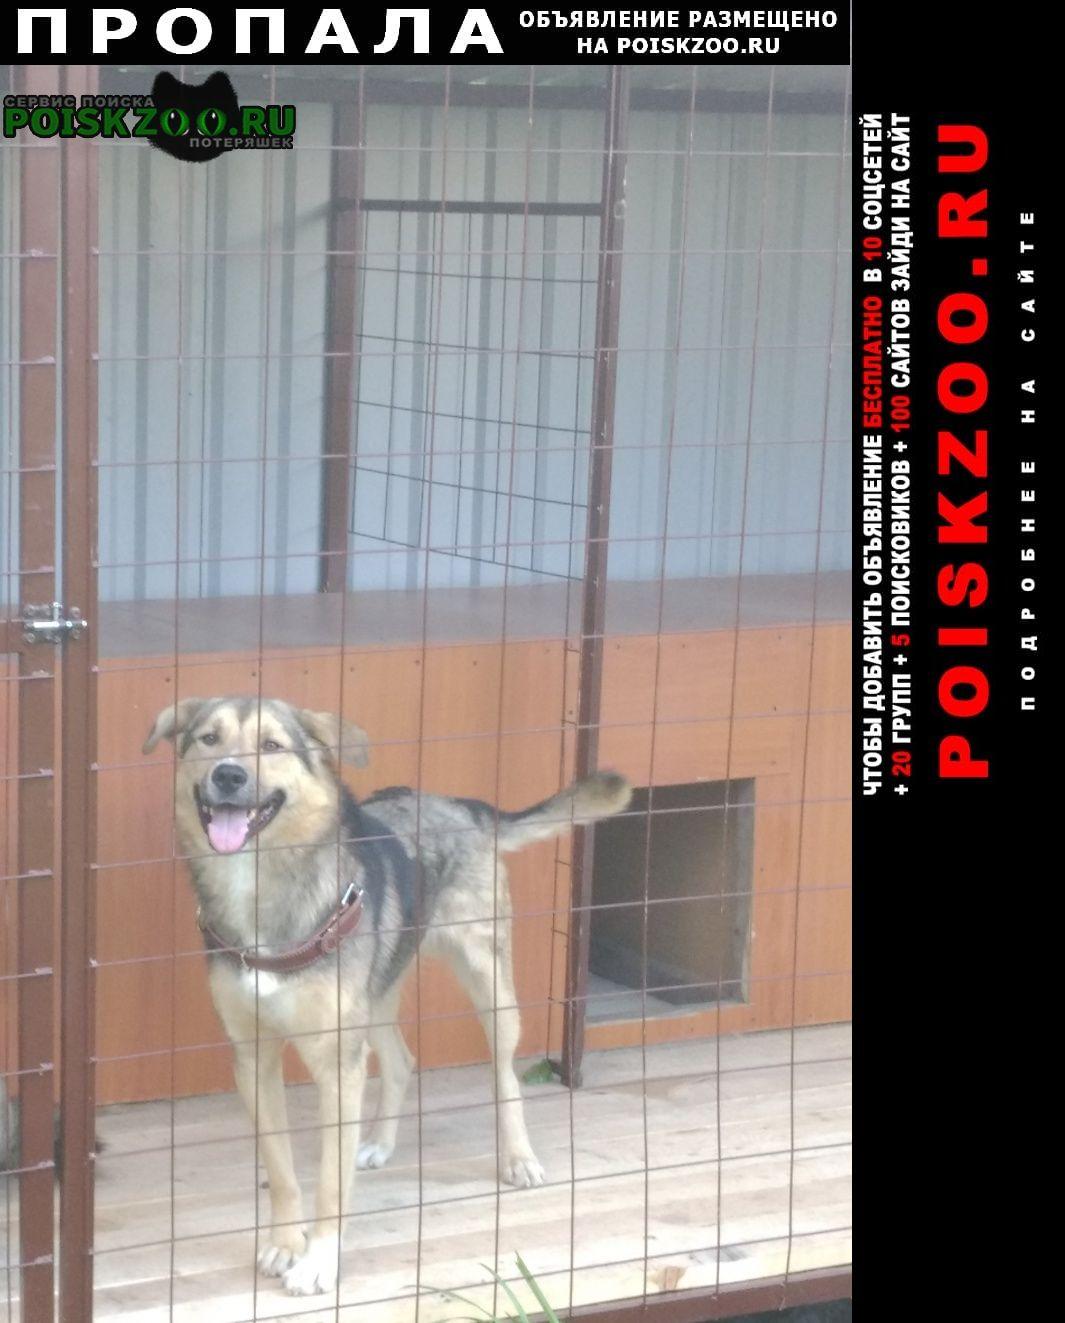 Пропала собака кобель серо-бежевый в рыжем ошейнике Белоусово